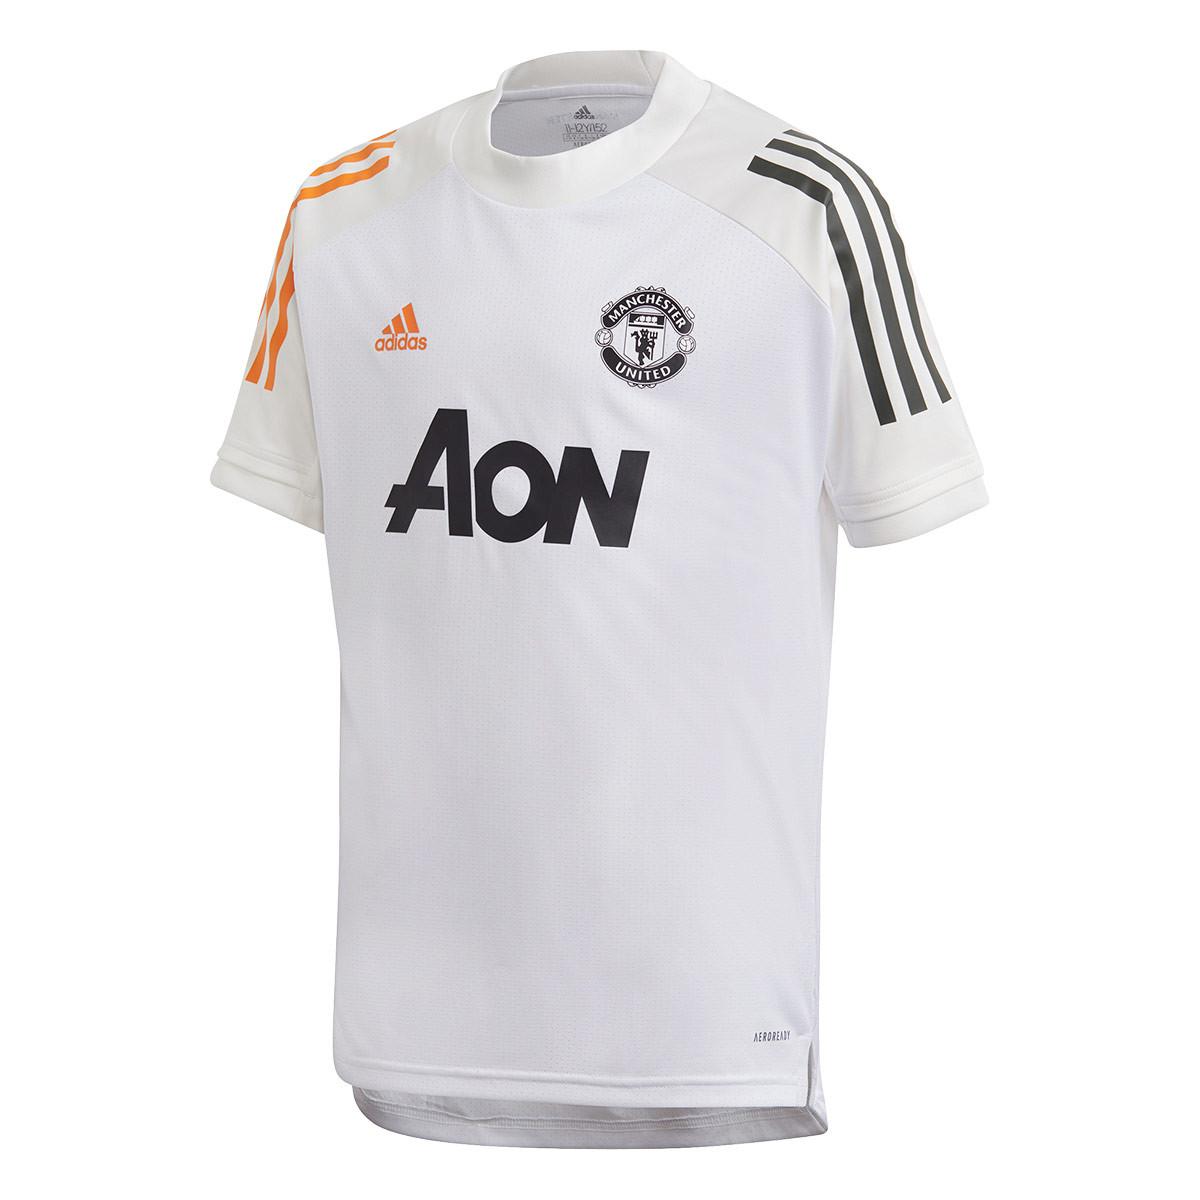 maglia adidas manchester united fc training 2020 2021 nino white negozio di calcio futbol emotion maglia adidas manchester united fc training 2020 2021 nino